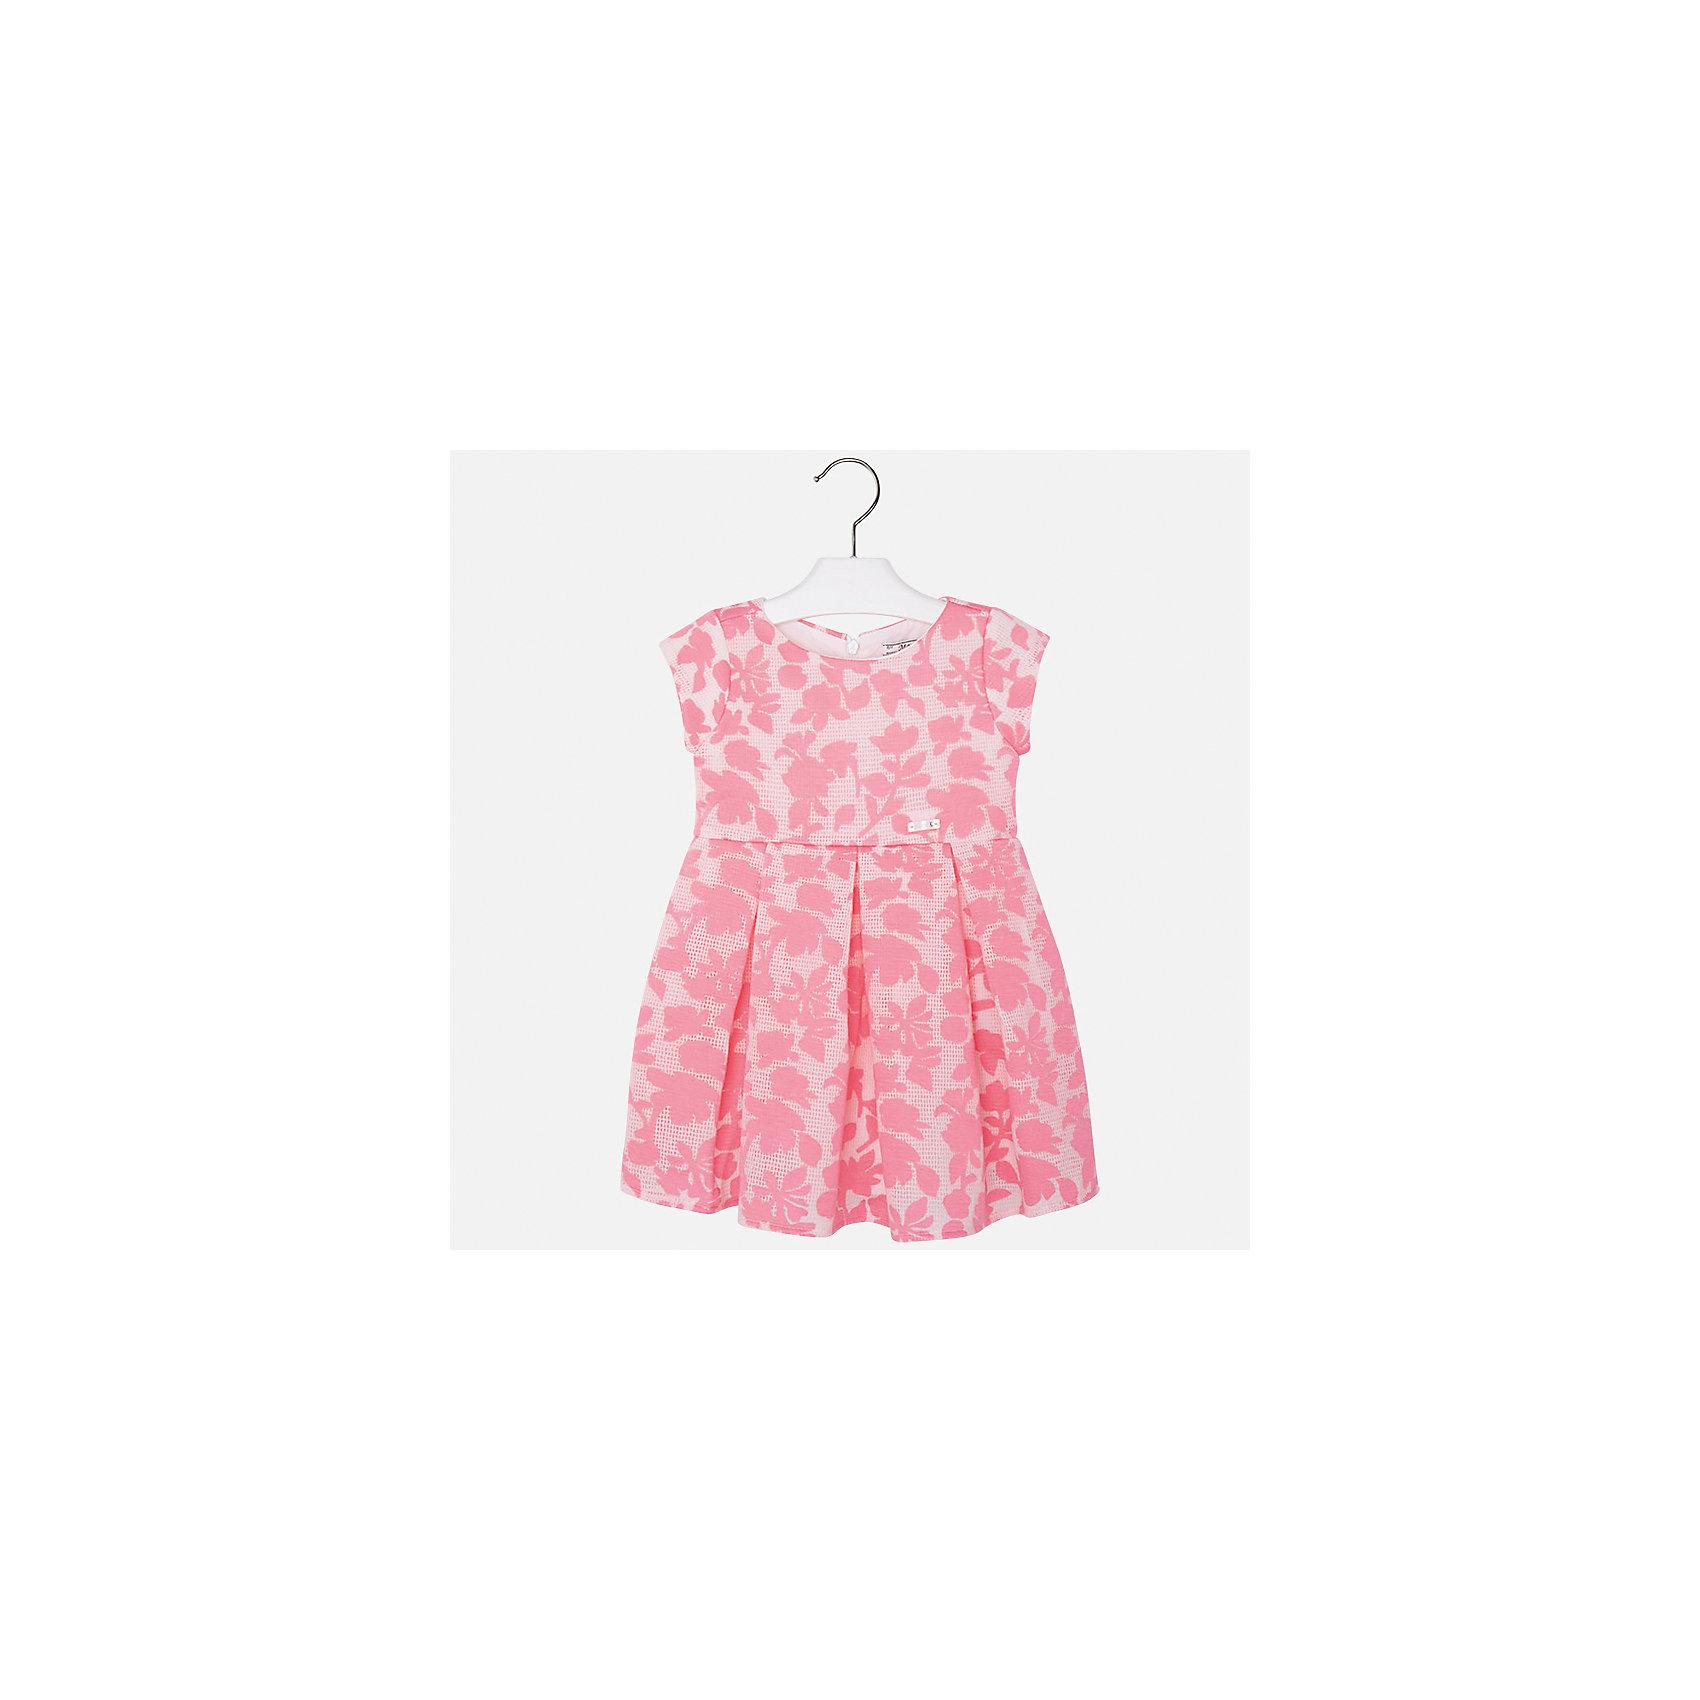 Платье для девочки MayoralХарактеристики товара:<br><br>• цвет: розовый<br>• состав: 64% полиэстер, 36% вискоза, подкладка - 80% полиэстер, 20% хлопок<br>• застежка: молния<br>• легкий материал<br>• набивной рисунок<br>• короткие рукава<br>• с подкладкой<br>• страна бренда: Испания<br><br>Красивое легкое платье для девочки поможет разнообразить гардероб ребенка и создать эффектный наряд. Оно подойдет и для торжественных случаев, может быть и как ежедневный наряд. В составе материала подкладки - натуральный хлопок, гипоаллергенный, приятный на ощупь, дышащий. Платье хорошо сидит по фигуре.<br><br>Платье для девочки от испанского бренда Mayoral (Майорал) можно купить в нашем интернет-магазине.<br><br>Ширина мм: 236<br>Глубина мм: 16<br>Высота мм: 184<br>Вес г: 177<br>Цвет: оранжевый<br>Возраст от месяцев: 84<br>Возраст до месяцев: 96<br>Пол: Женский<br>Возраст: Детский<br>Размер: 128,134,98,104,110,116,122<br>SKU: 5290999